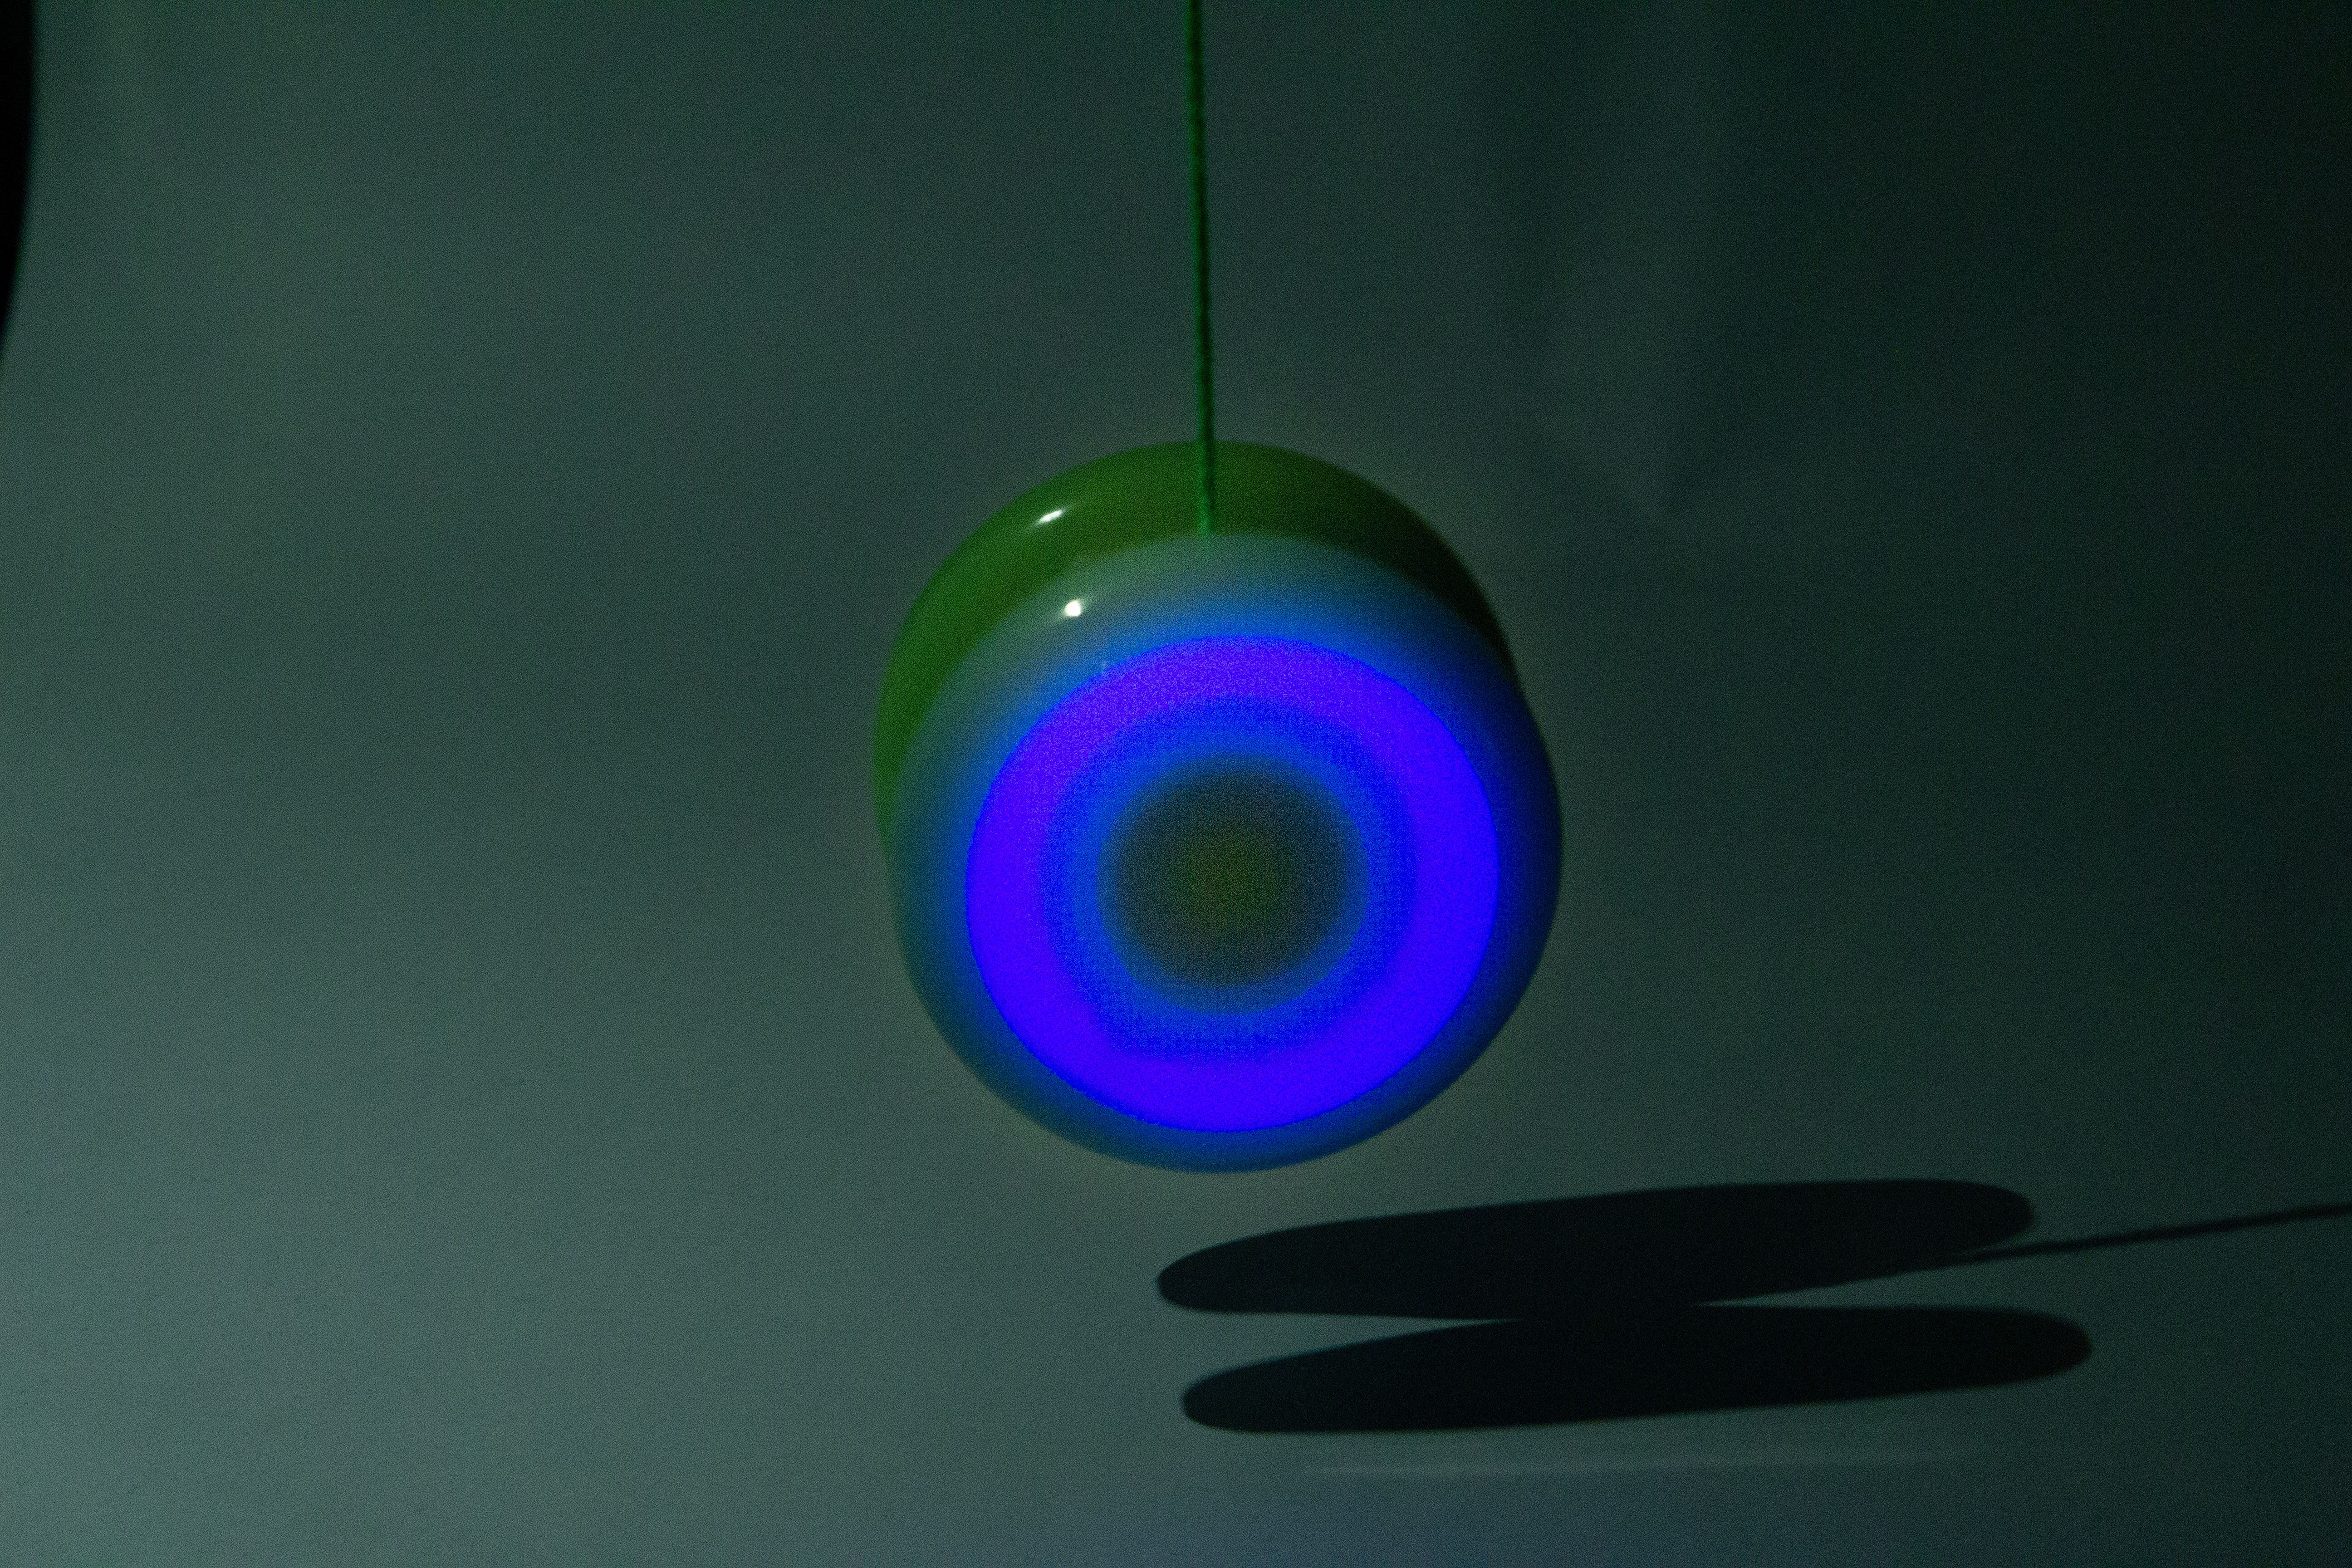 Yoyo Spinstar cu LED - Verde Fosforescent 3